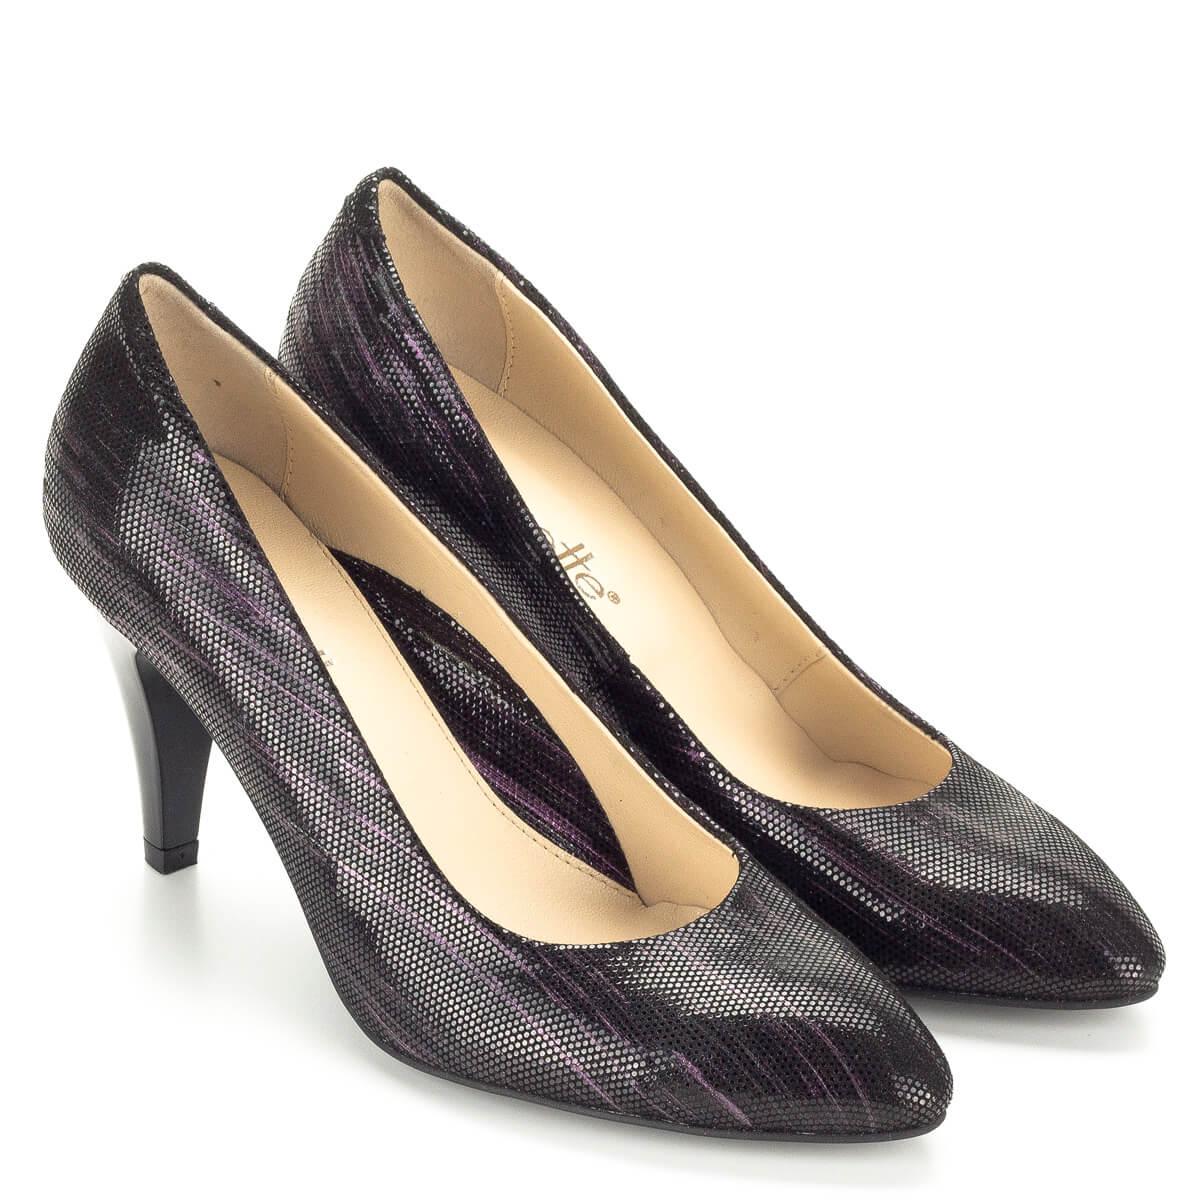 8 és Clarette felsőrésszel bőr magas cm tűsarkú cipő béléssel sarokkal 8xw6Eqf